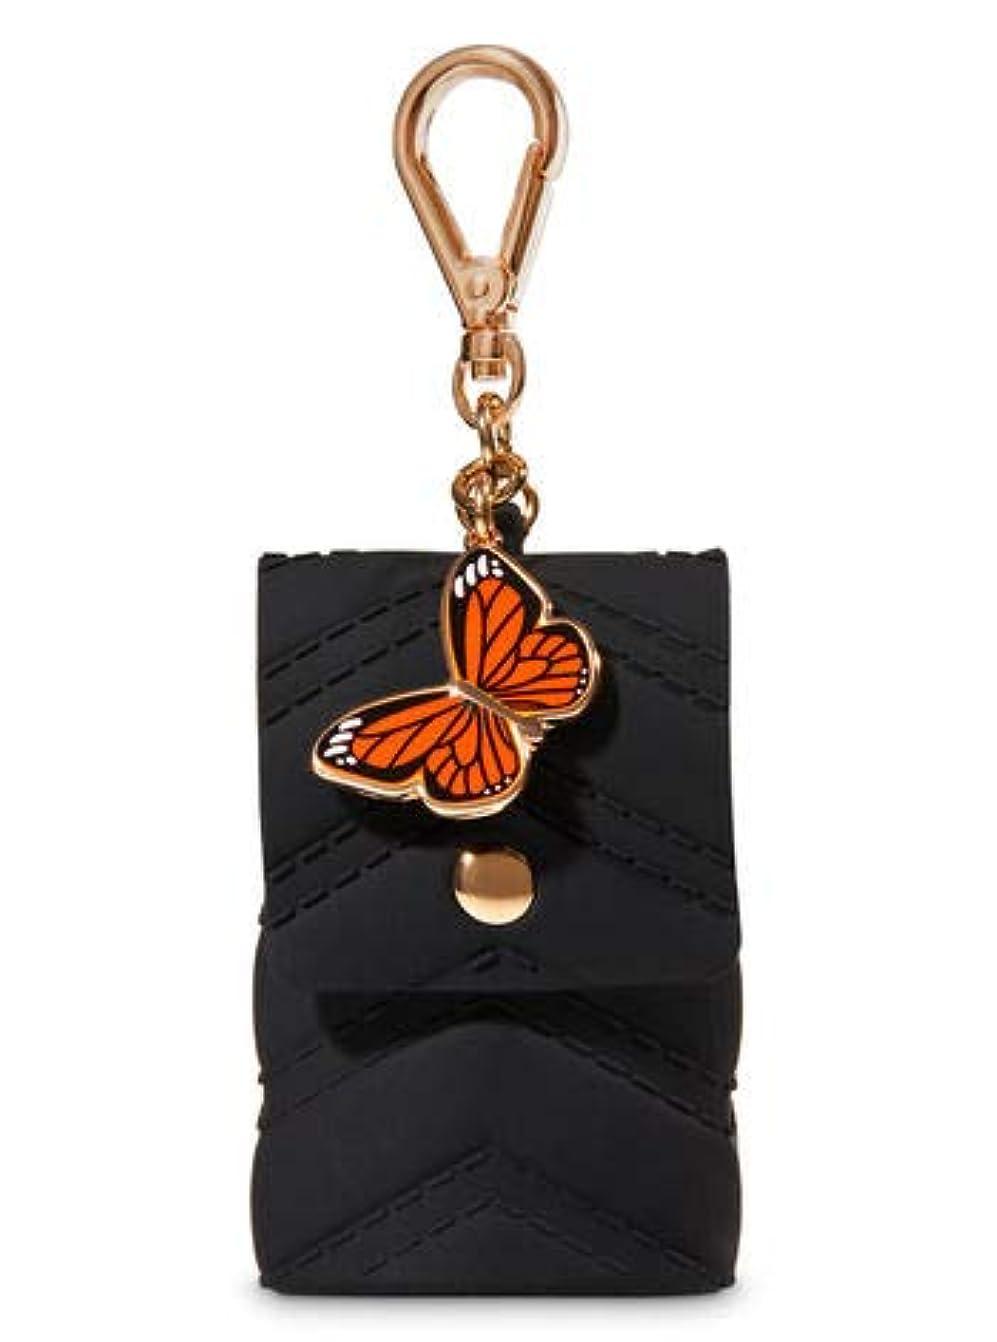 拒絶反逆者わかりやすい【Bath&Body Works/バス&ボディワークス】 抗菌ハンドジェルホルダー バタフライチャーム Pocketbac Holder Butterfly Charm [並行輸入品]